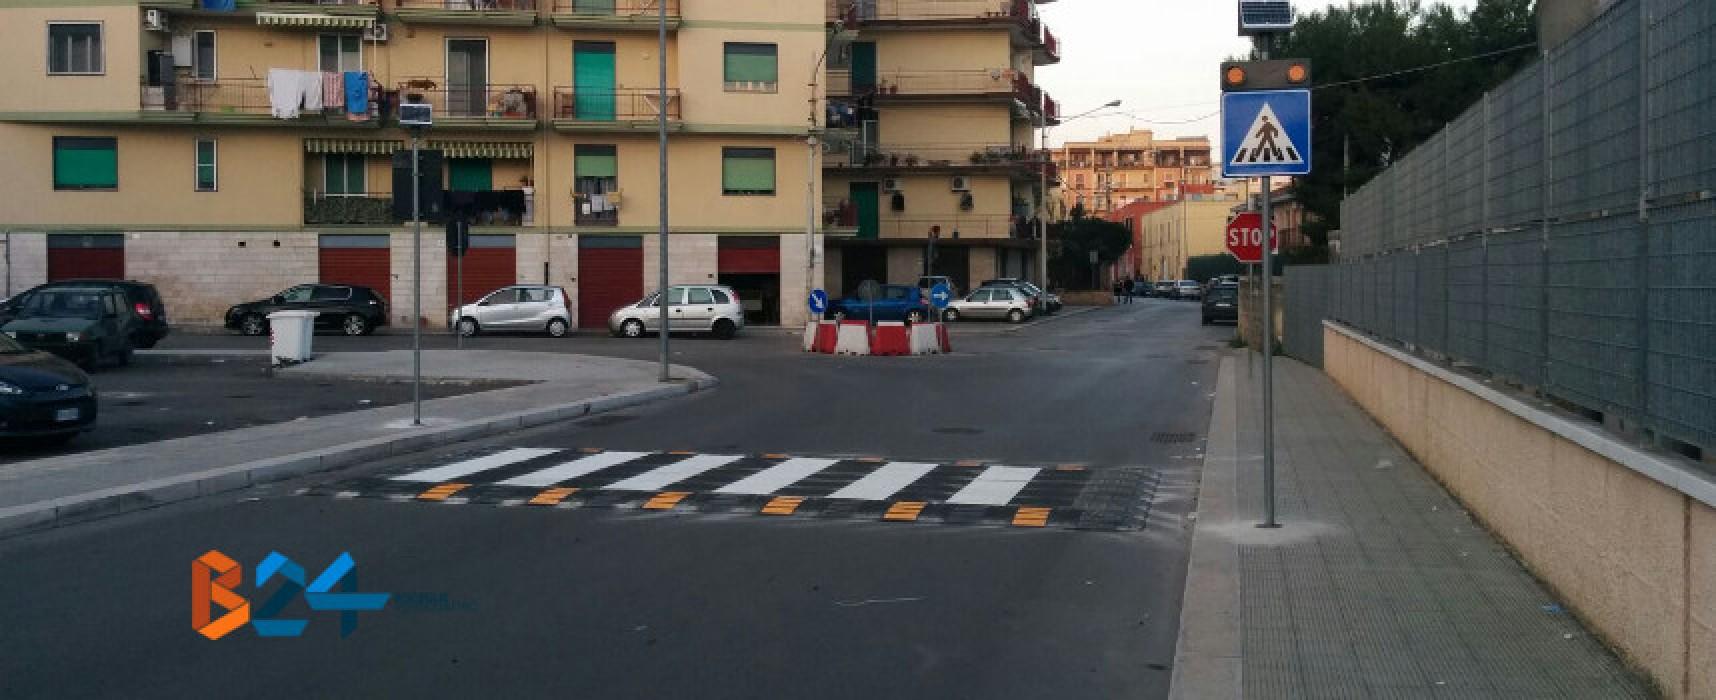 Nuovo attraversamento pedonale rialzato e rotonda in pvc in via Giovanni Paolo II